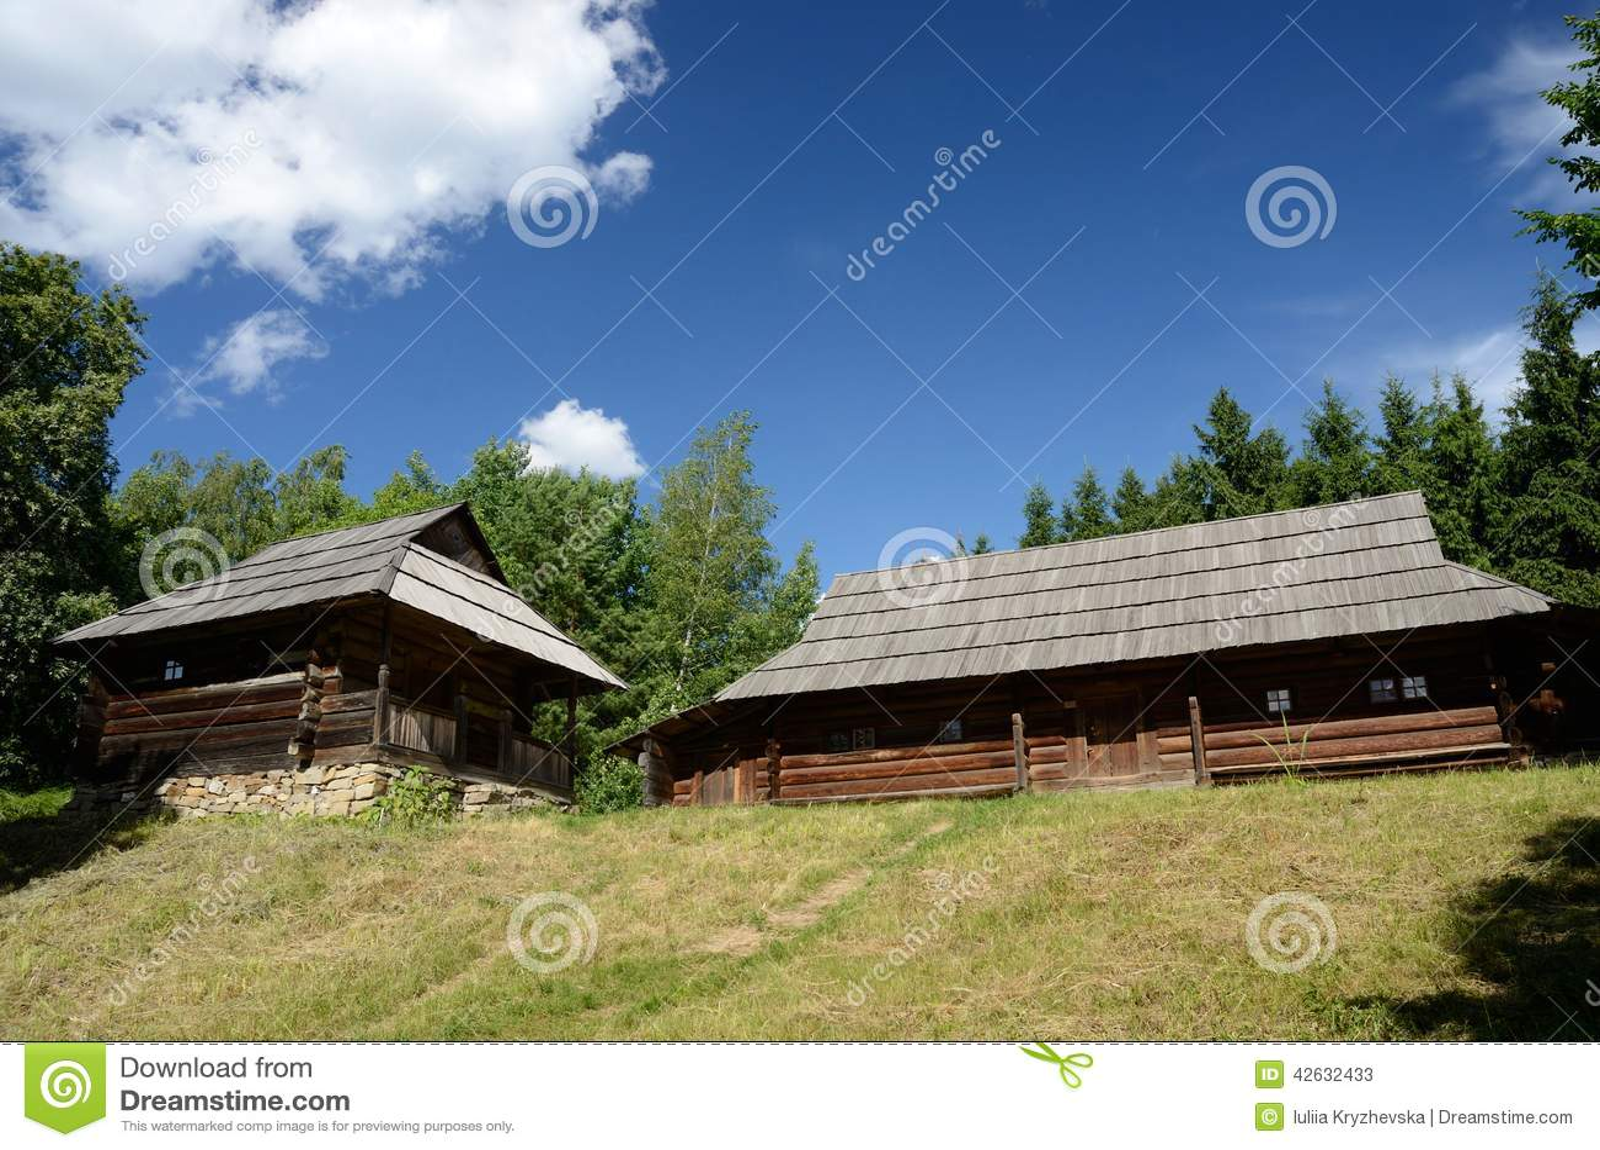 alte holzh user von den karpaten bergen west ukraine stockfoto bild 42632433. Black Bedroom Furniture Sets. Home Design Ideas